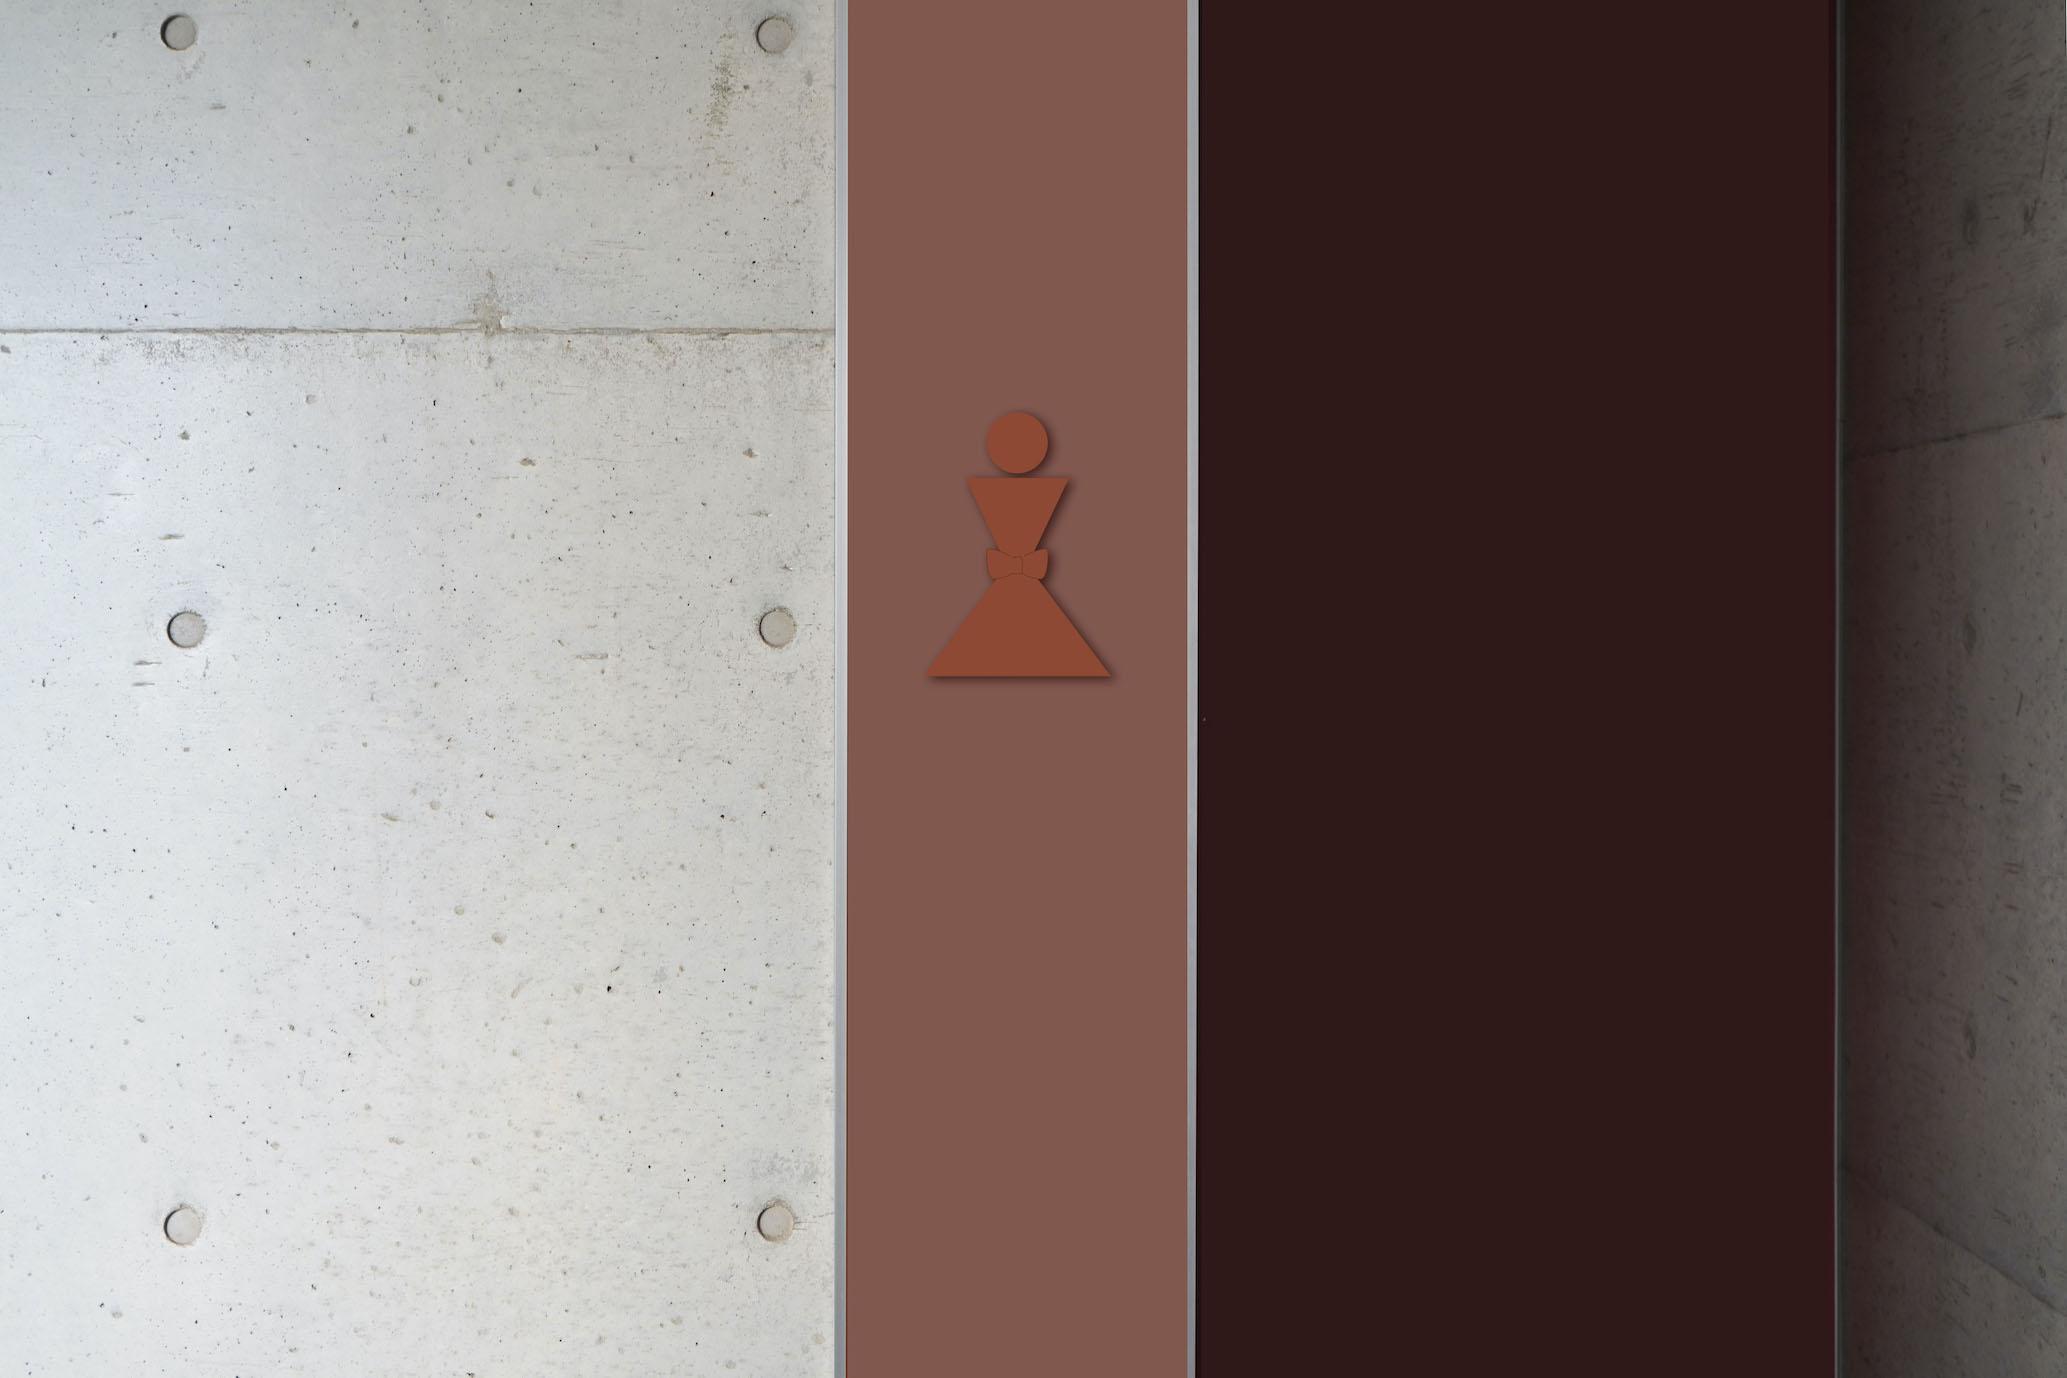 トイレ女.jpg